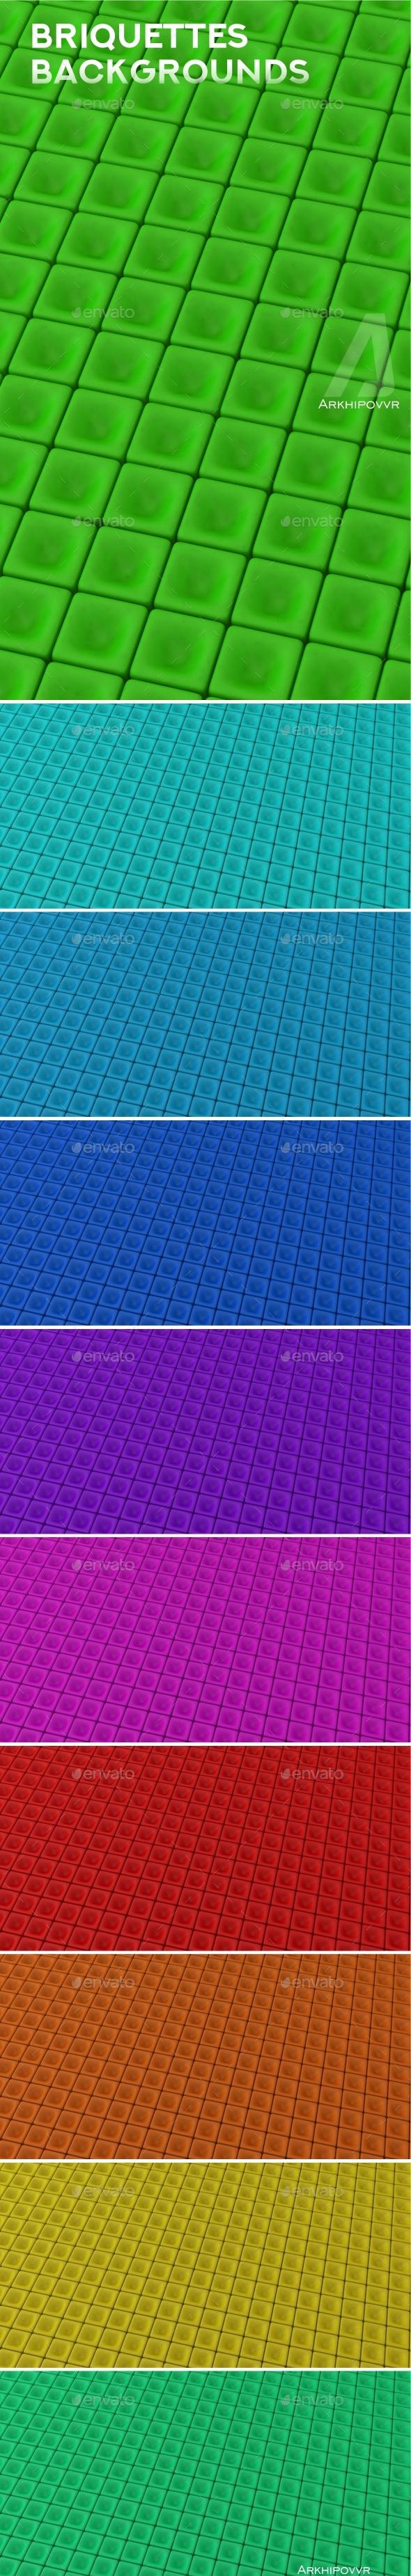 Briquettes Background - 3D Backgrounds